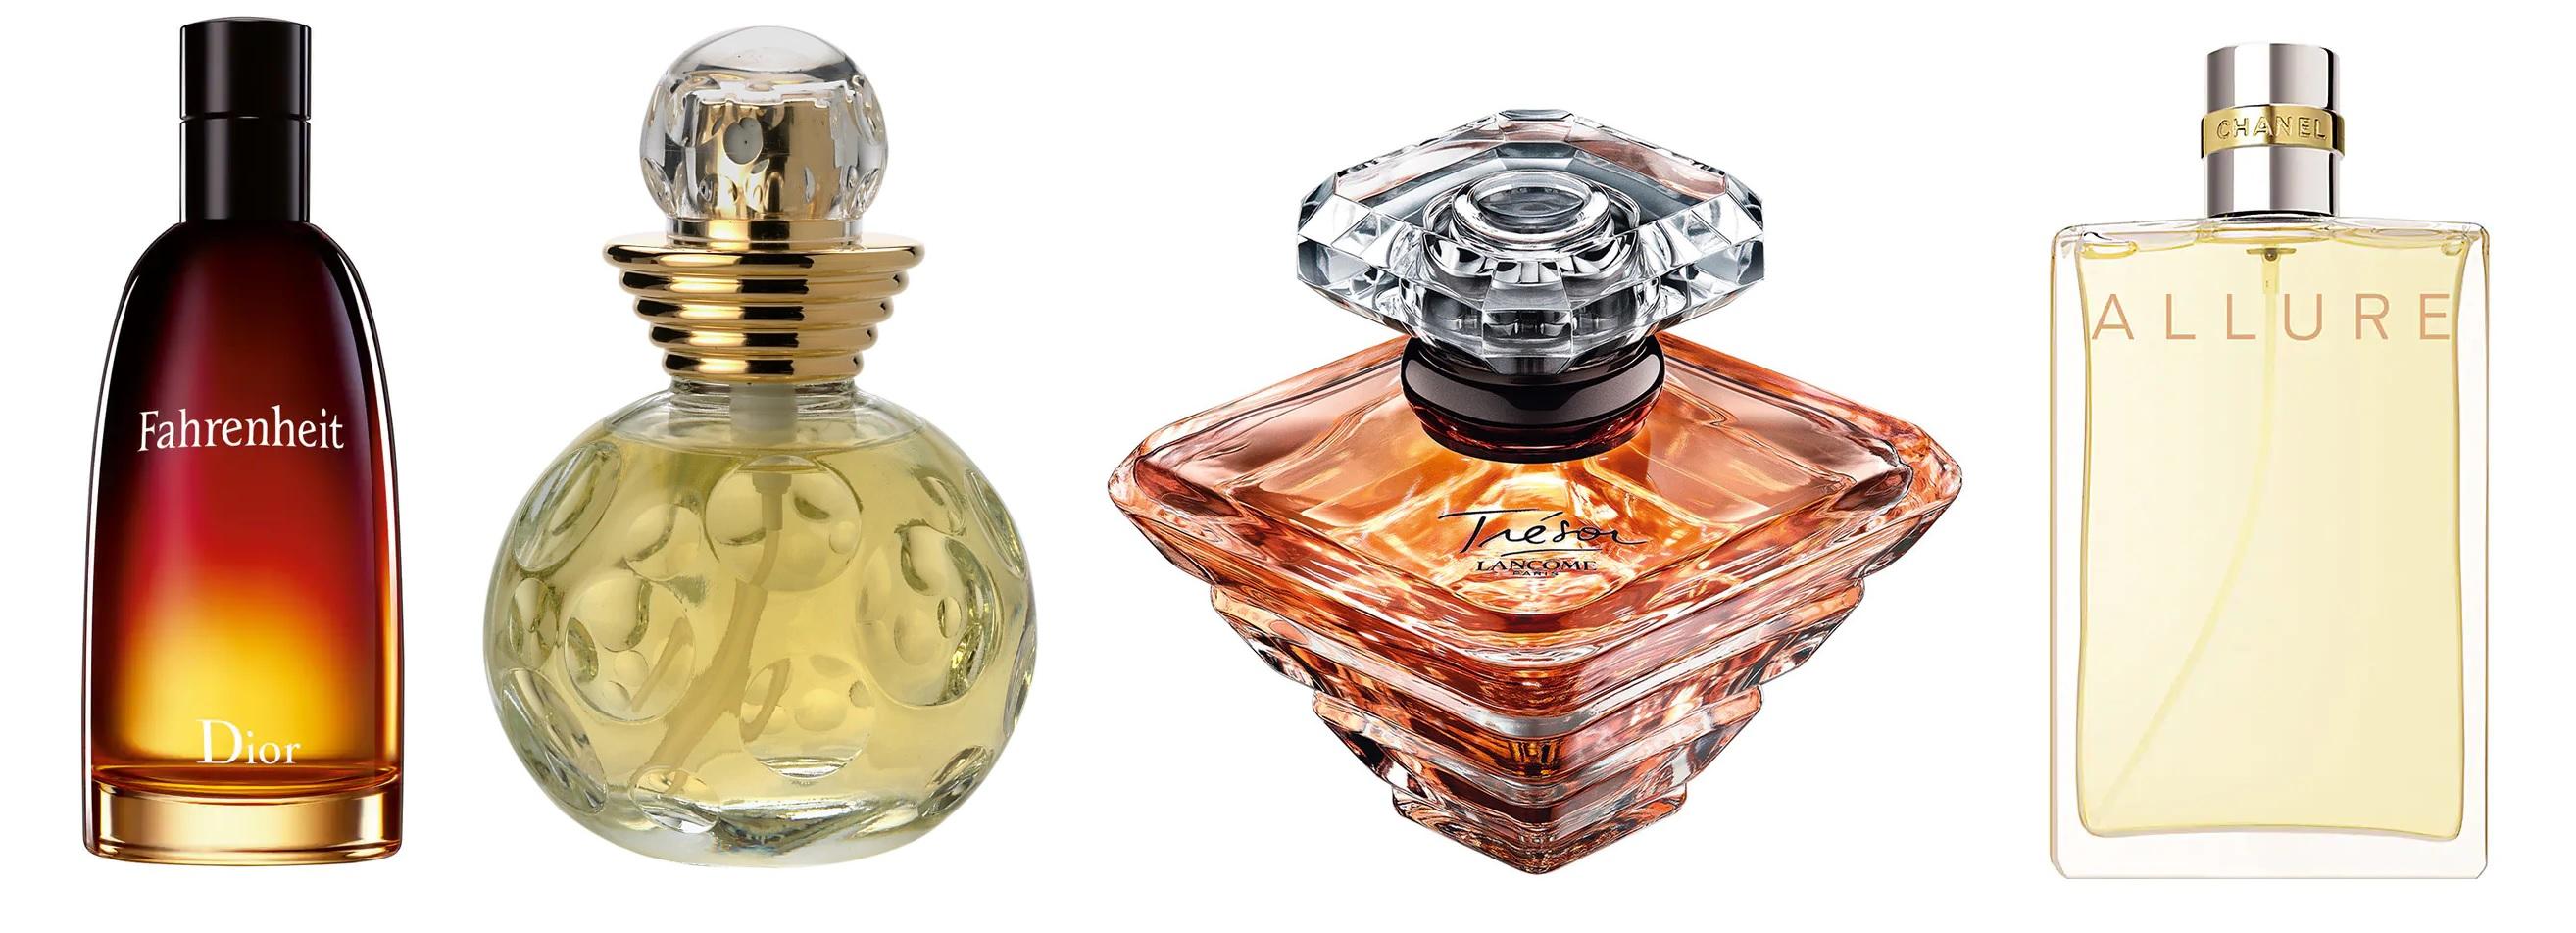 Perfumy z ISO E Super: Dior Dolce Vita, Lancome Tresor, Chanel Allure, Dior Fahrenheit